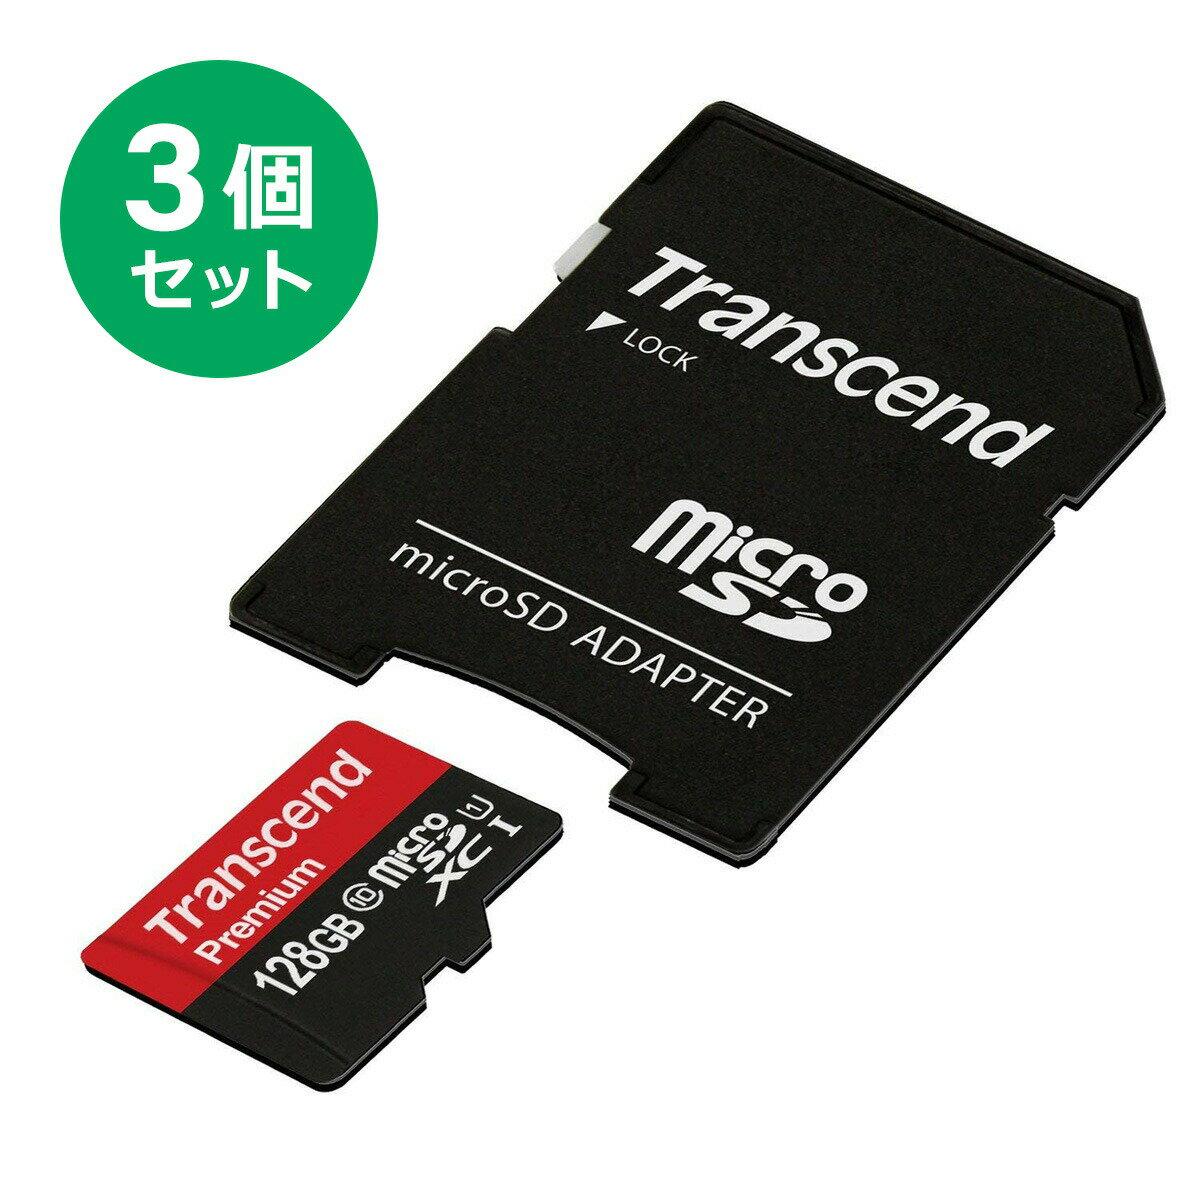 【4月25日値下げしました】【まとめ割 3個セット】Transcend microSDカード 128GB Class10 UHS-1 5年保証 マイクロSD microSDXC SDアダプタ付 最大転送速度60MB/s 400x クラス10 入学 卒業[TS128GUSDU1]【ネコポス専用】【送料無料】